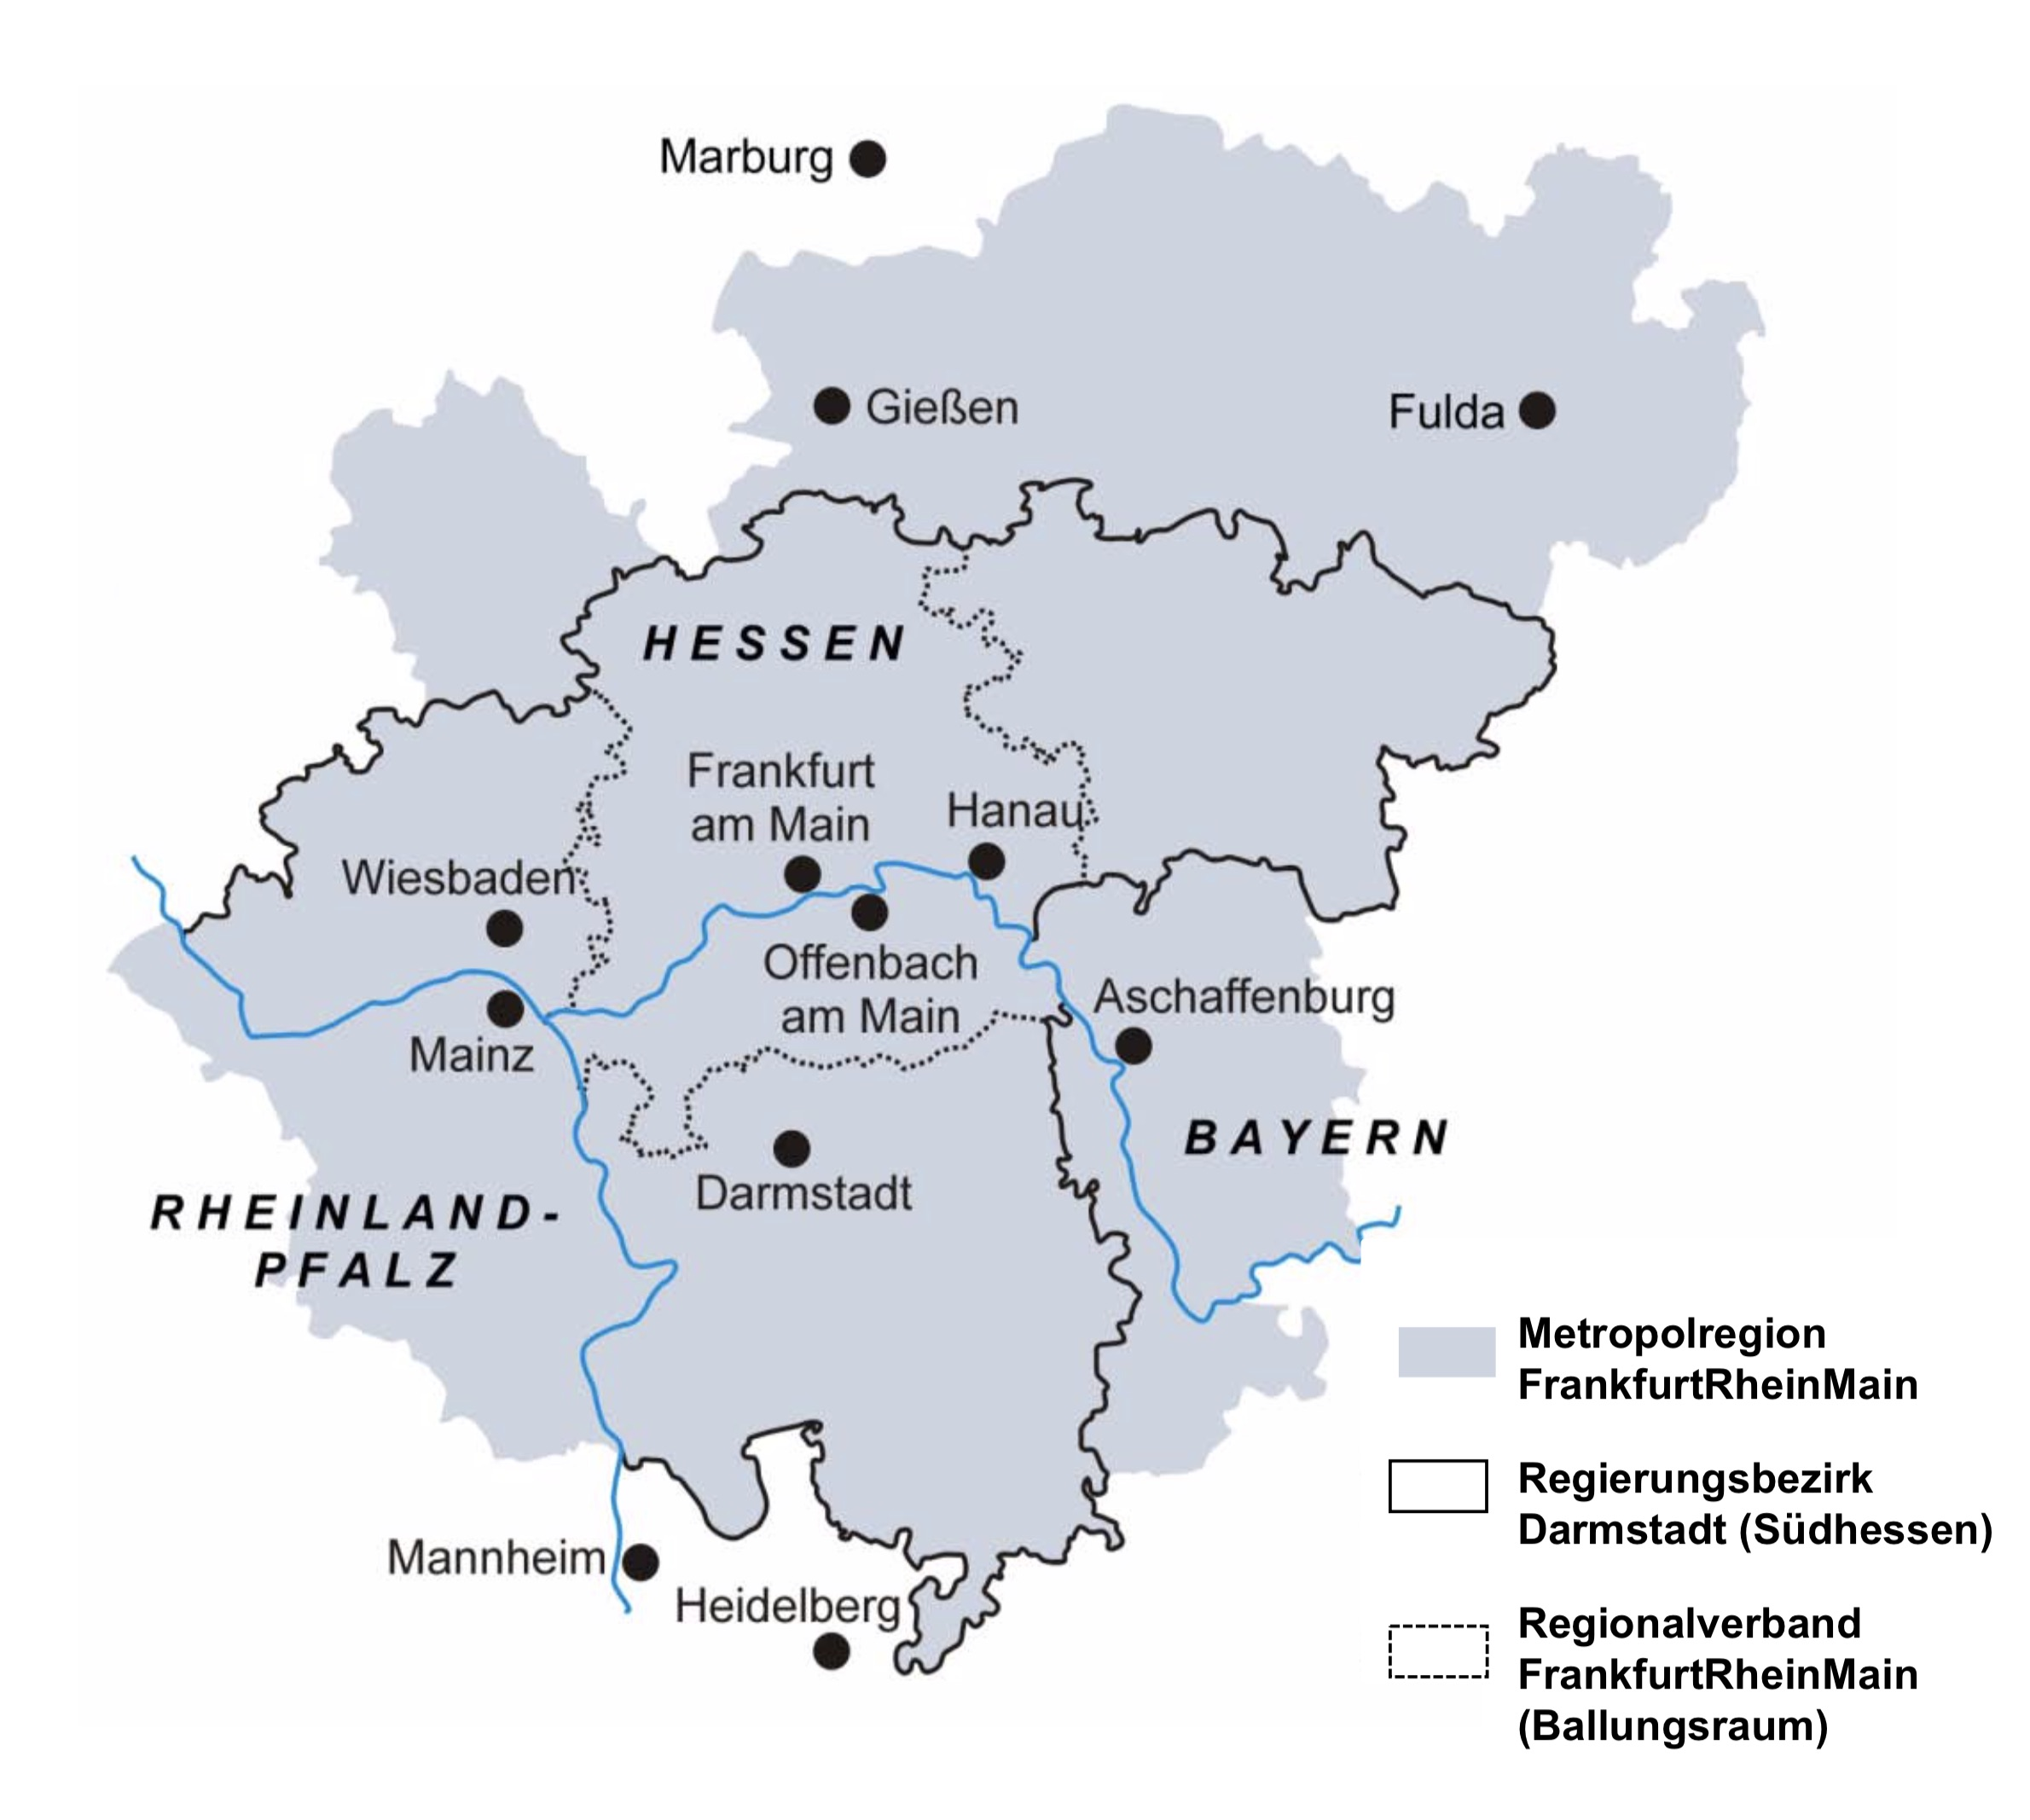 Ausdehnung der Metropolregion